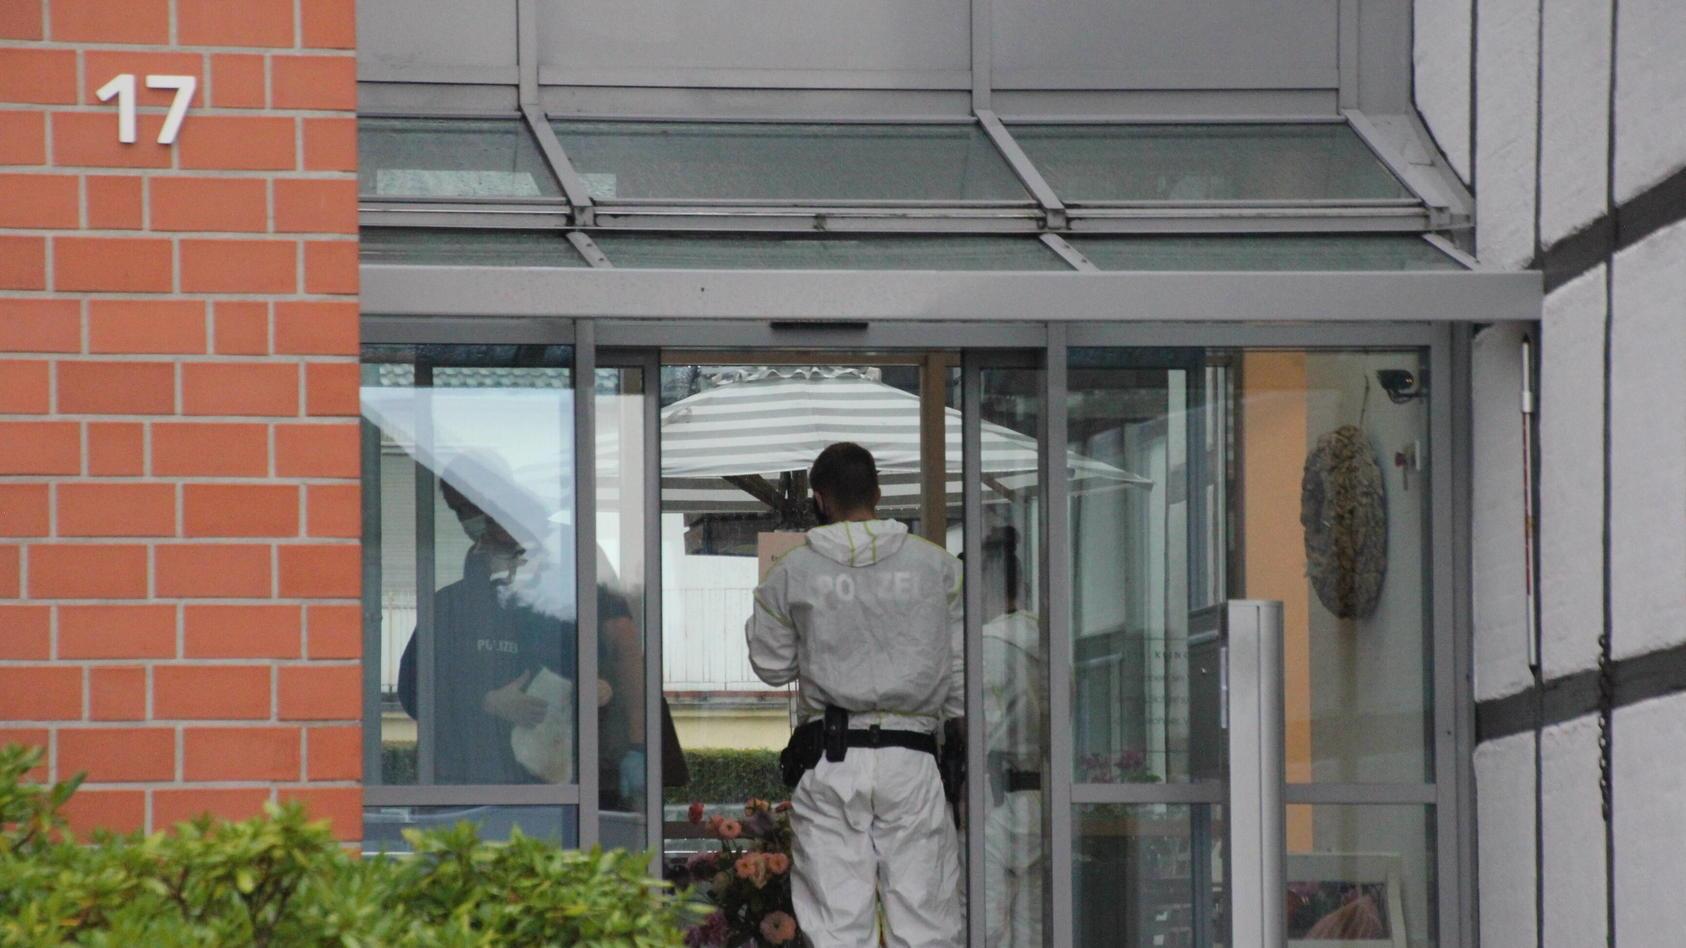 Polizei durchsucht Altenheim im Landkreis Goslar In Lagelsheim im Lankreis Goslar durchsuchen seit den frühen Morgenstun